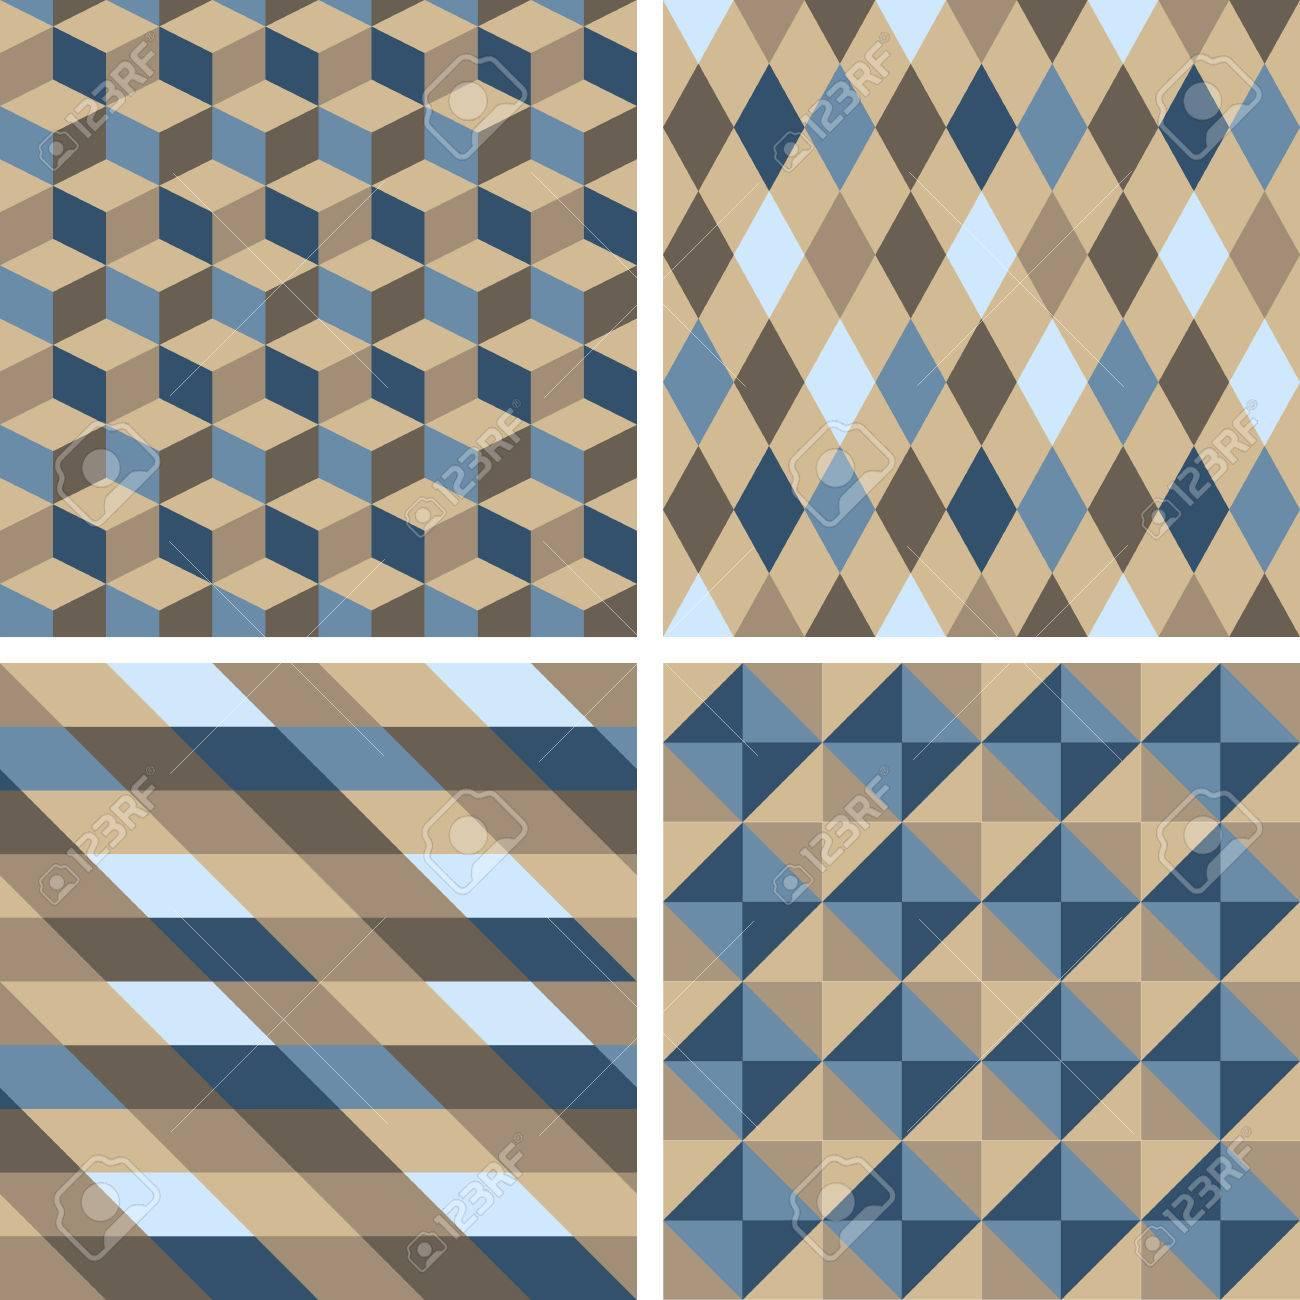 Fliesenmuster  Vector Nahtlose Fliesen Muster - Geometrische. Zum Textildruck ...